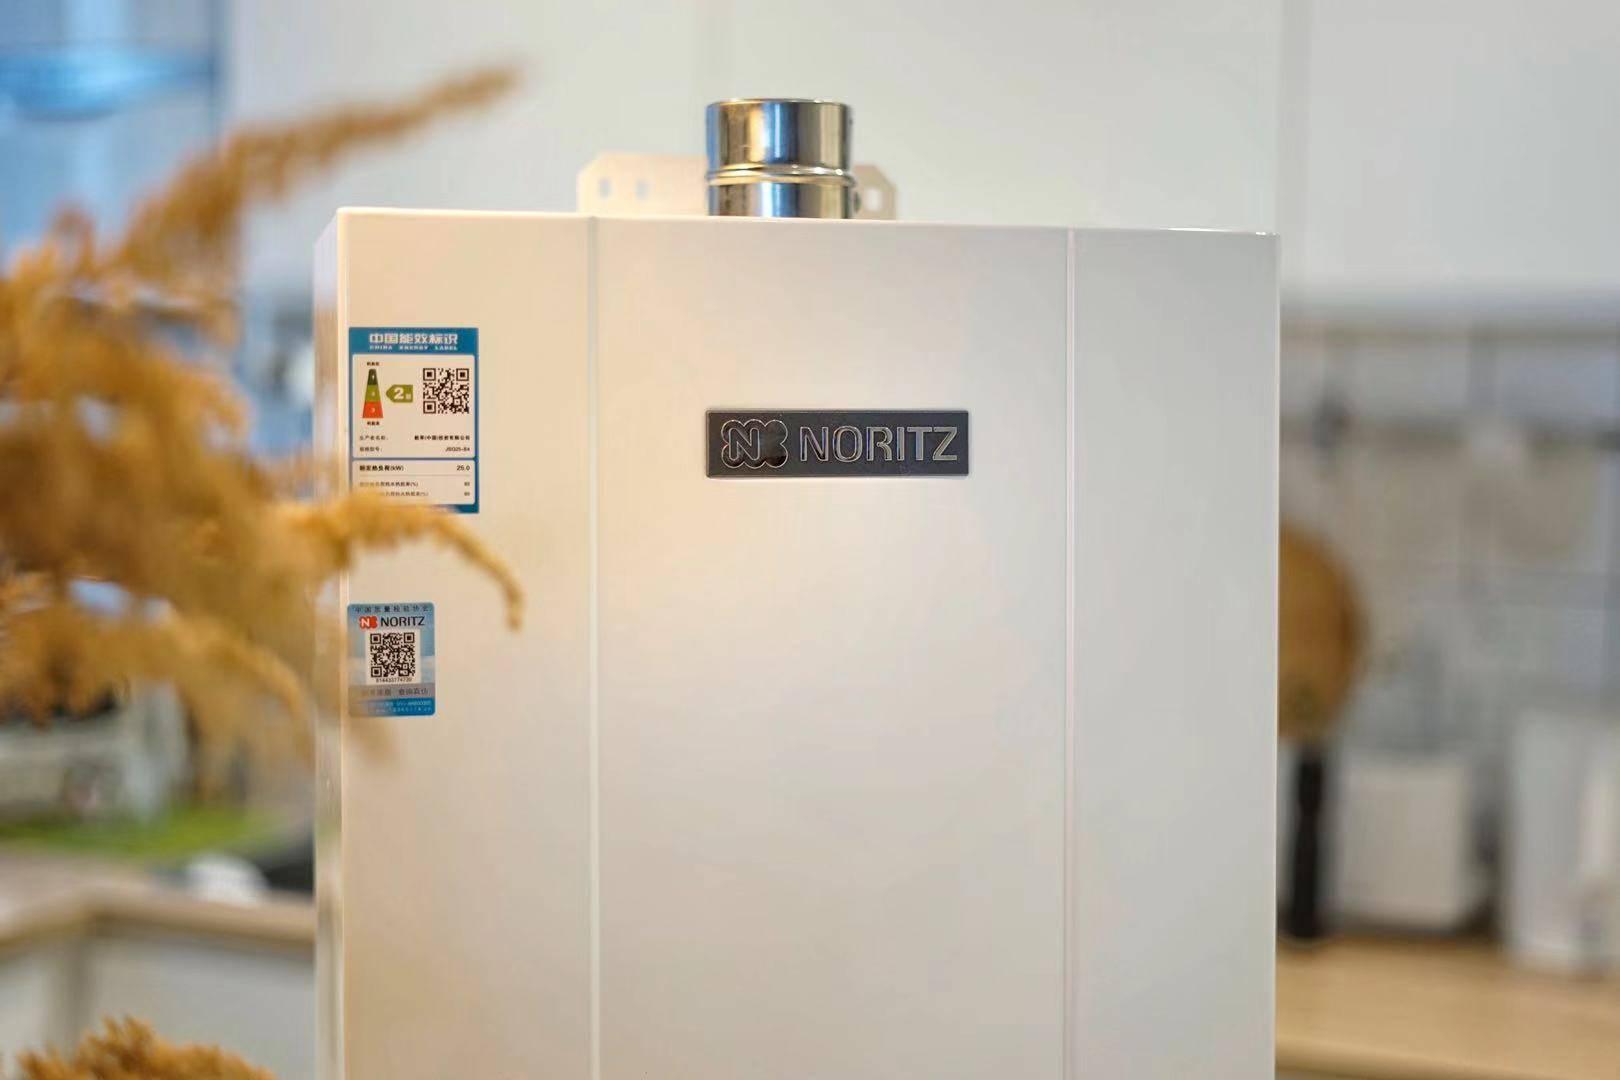 能率热水器丨818厚惠有期,热爱无期